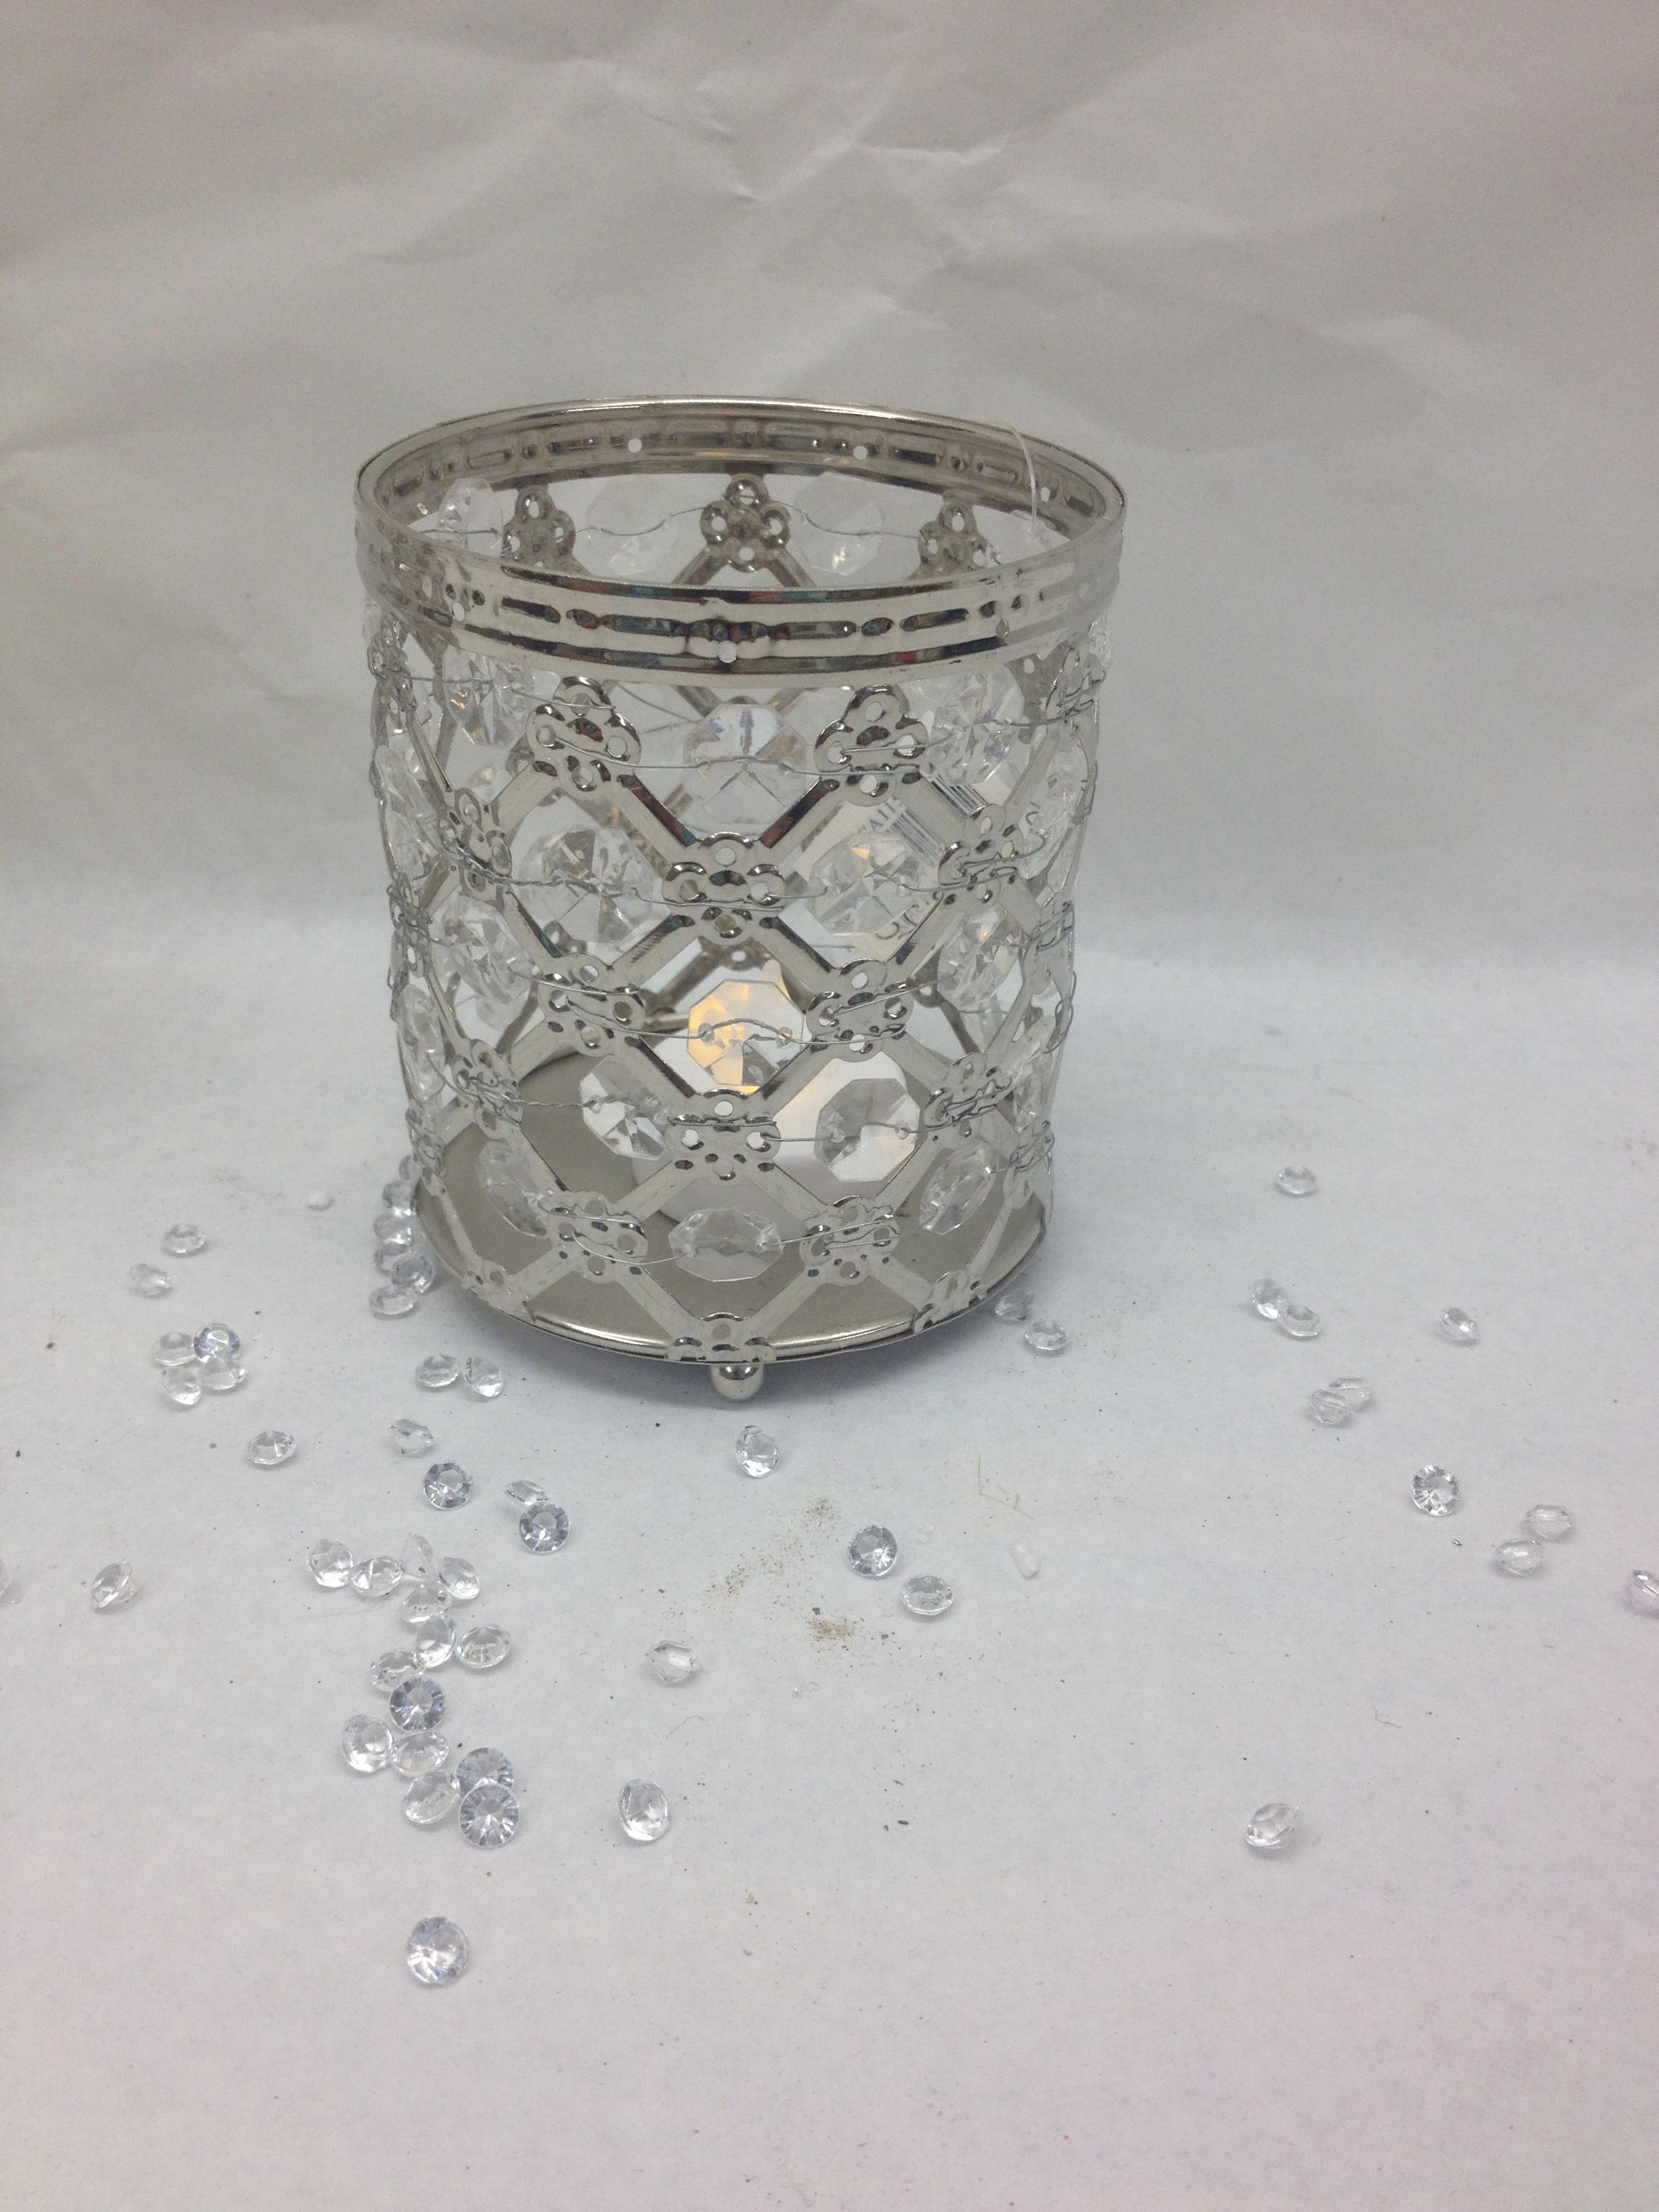 Metal jewel Tea light Holder